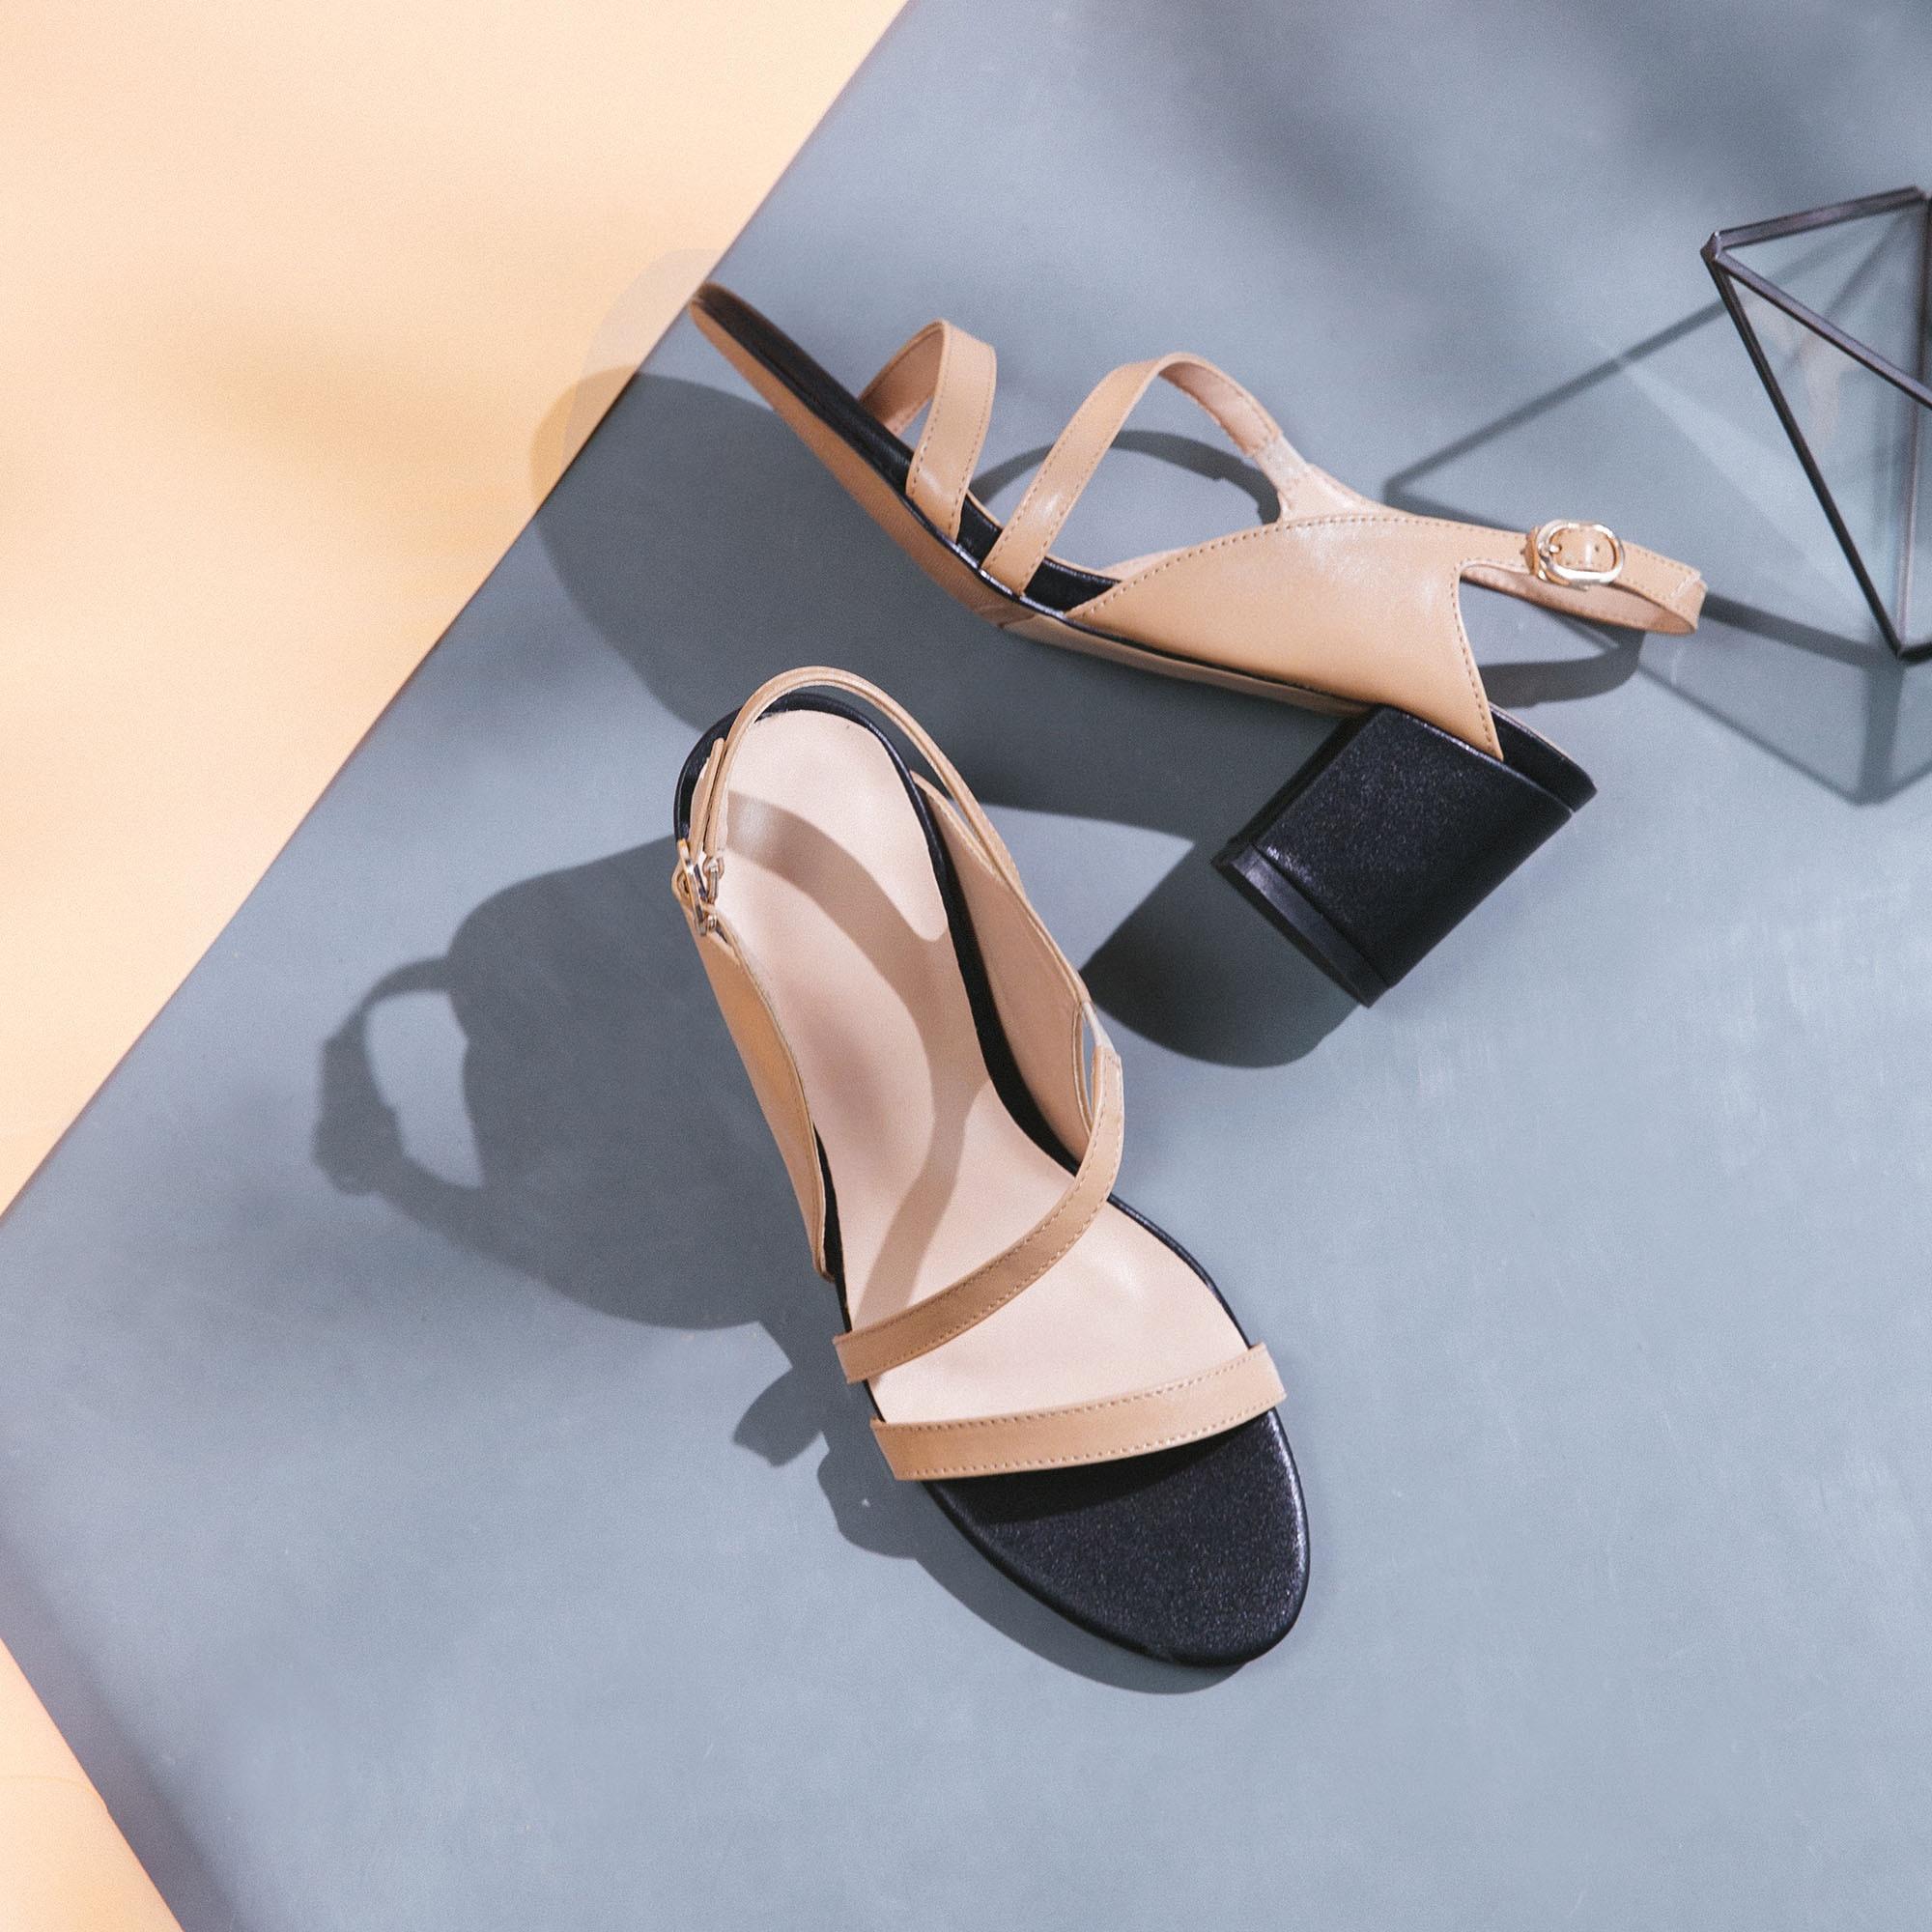 Nuevas Salu Zapatos 2018 Opea Beige De Altos Sexy Mujeres Sandalias Cuero Toe Tacones Verano negro Genuino aBwABq